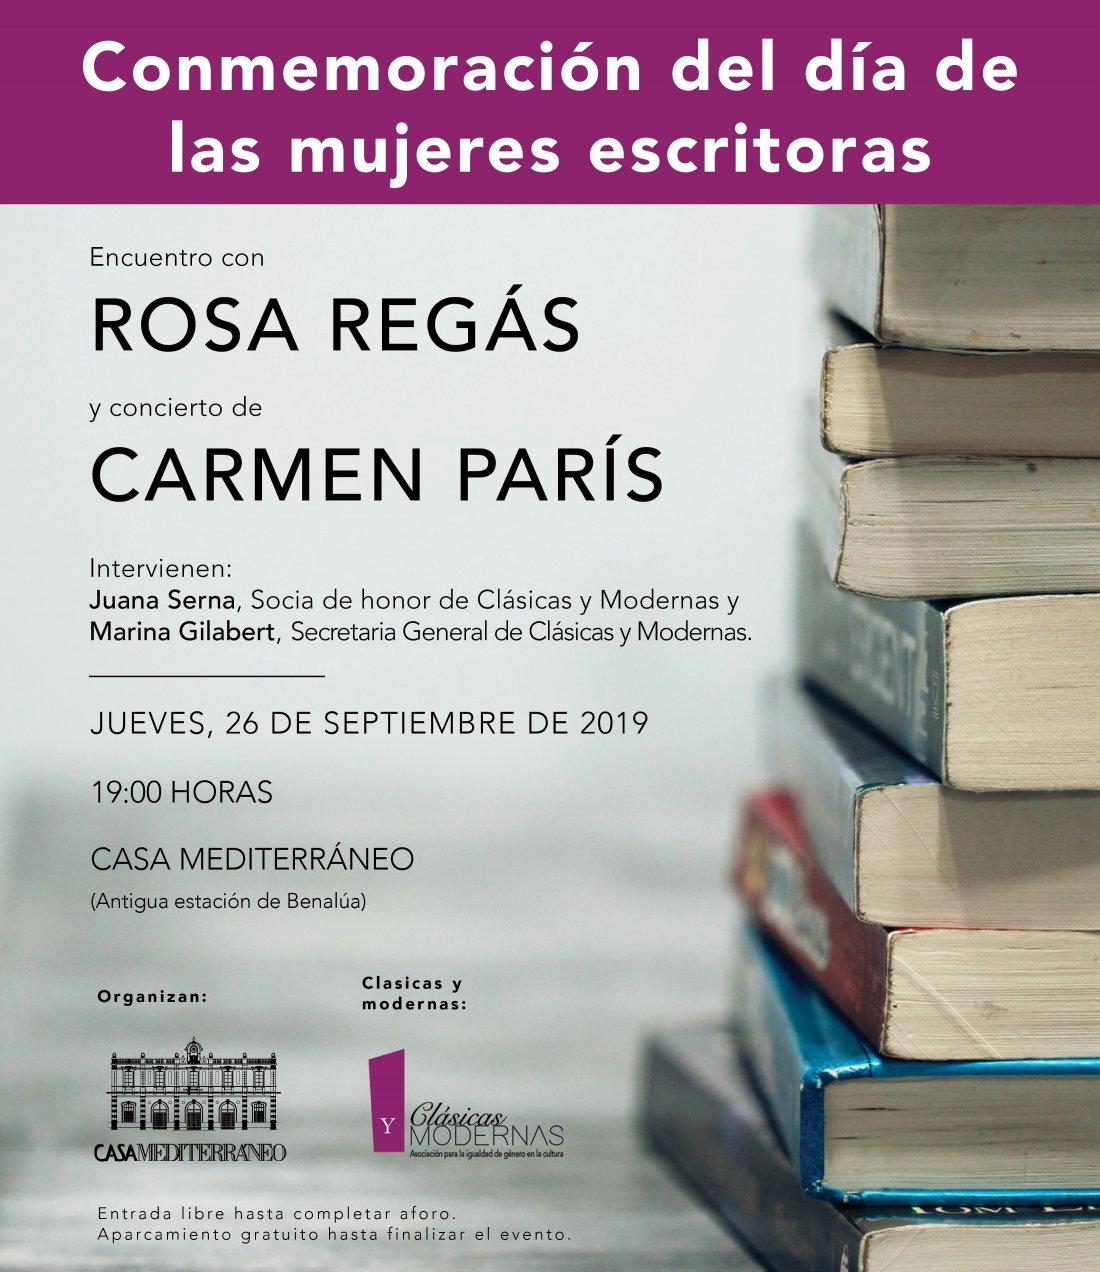 Rosa Regás y Carmen París celebran el Día de las Mujeres Escritoras en Casa Mediterráneo en LETRAS MÚSICA